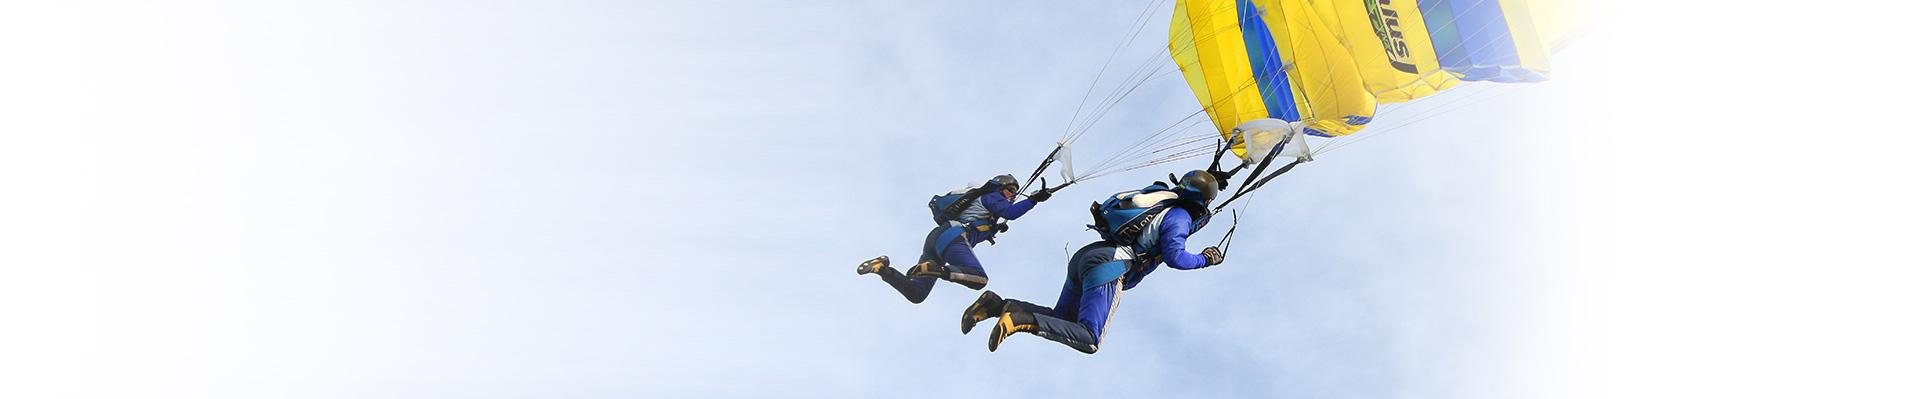 CRW Parachutes Australia